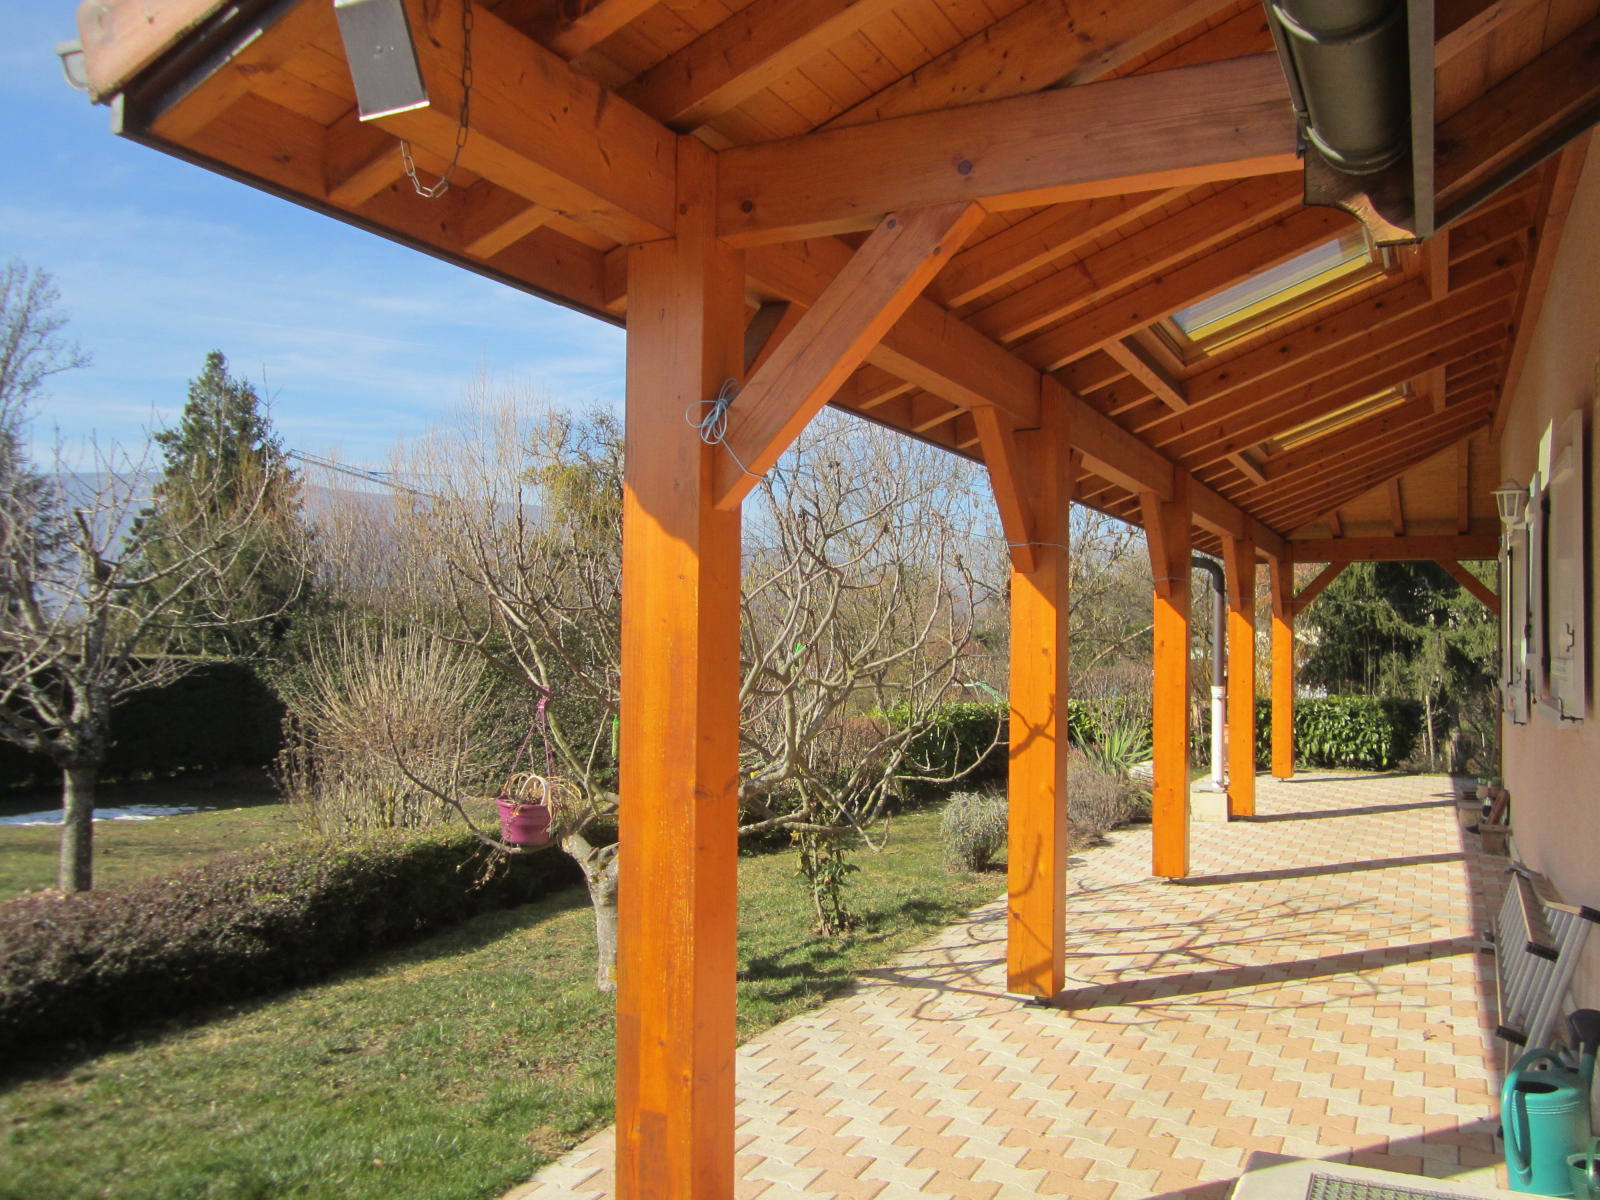 EXCLUSIVITE 5 min de Viry Maison de 2002 sur belle parcelle de 1800 m²...